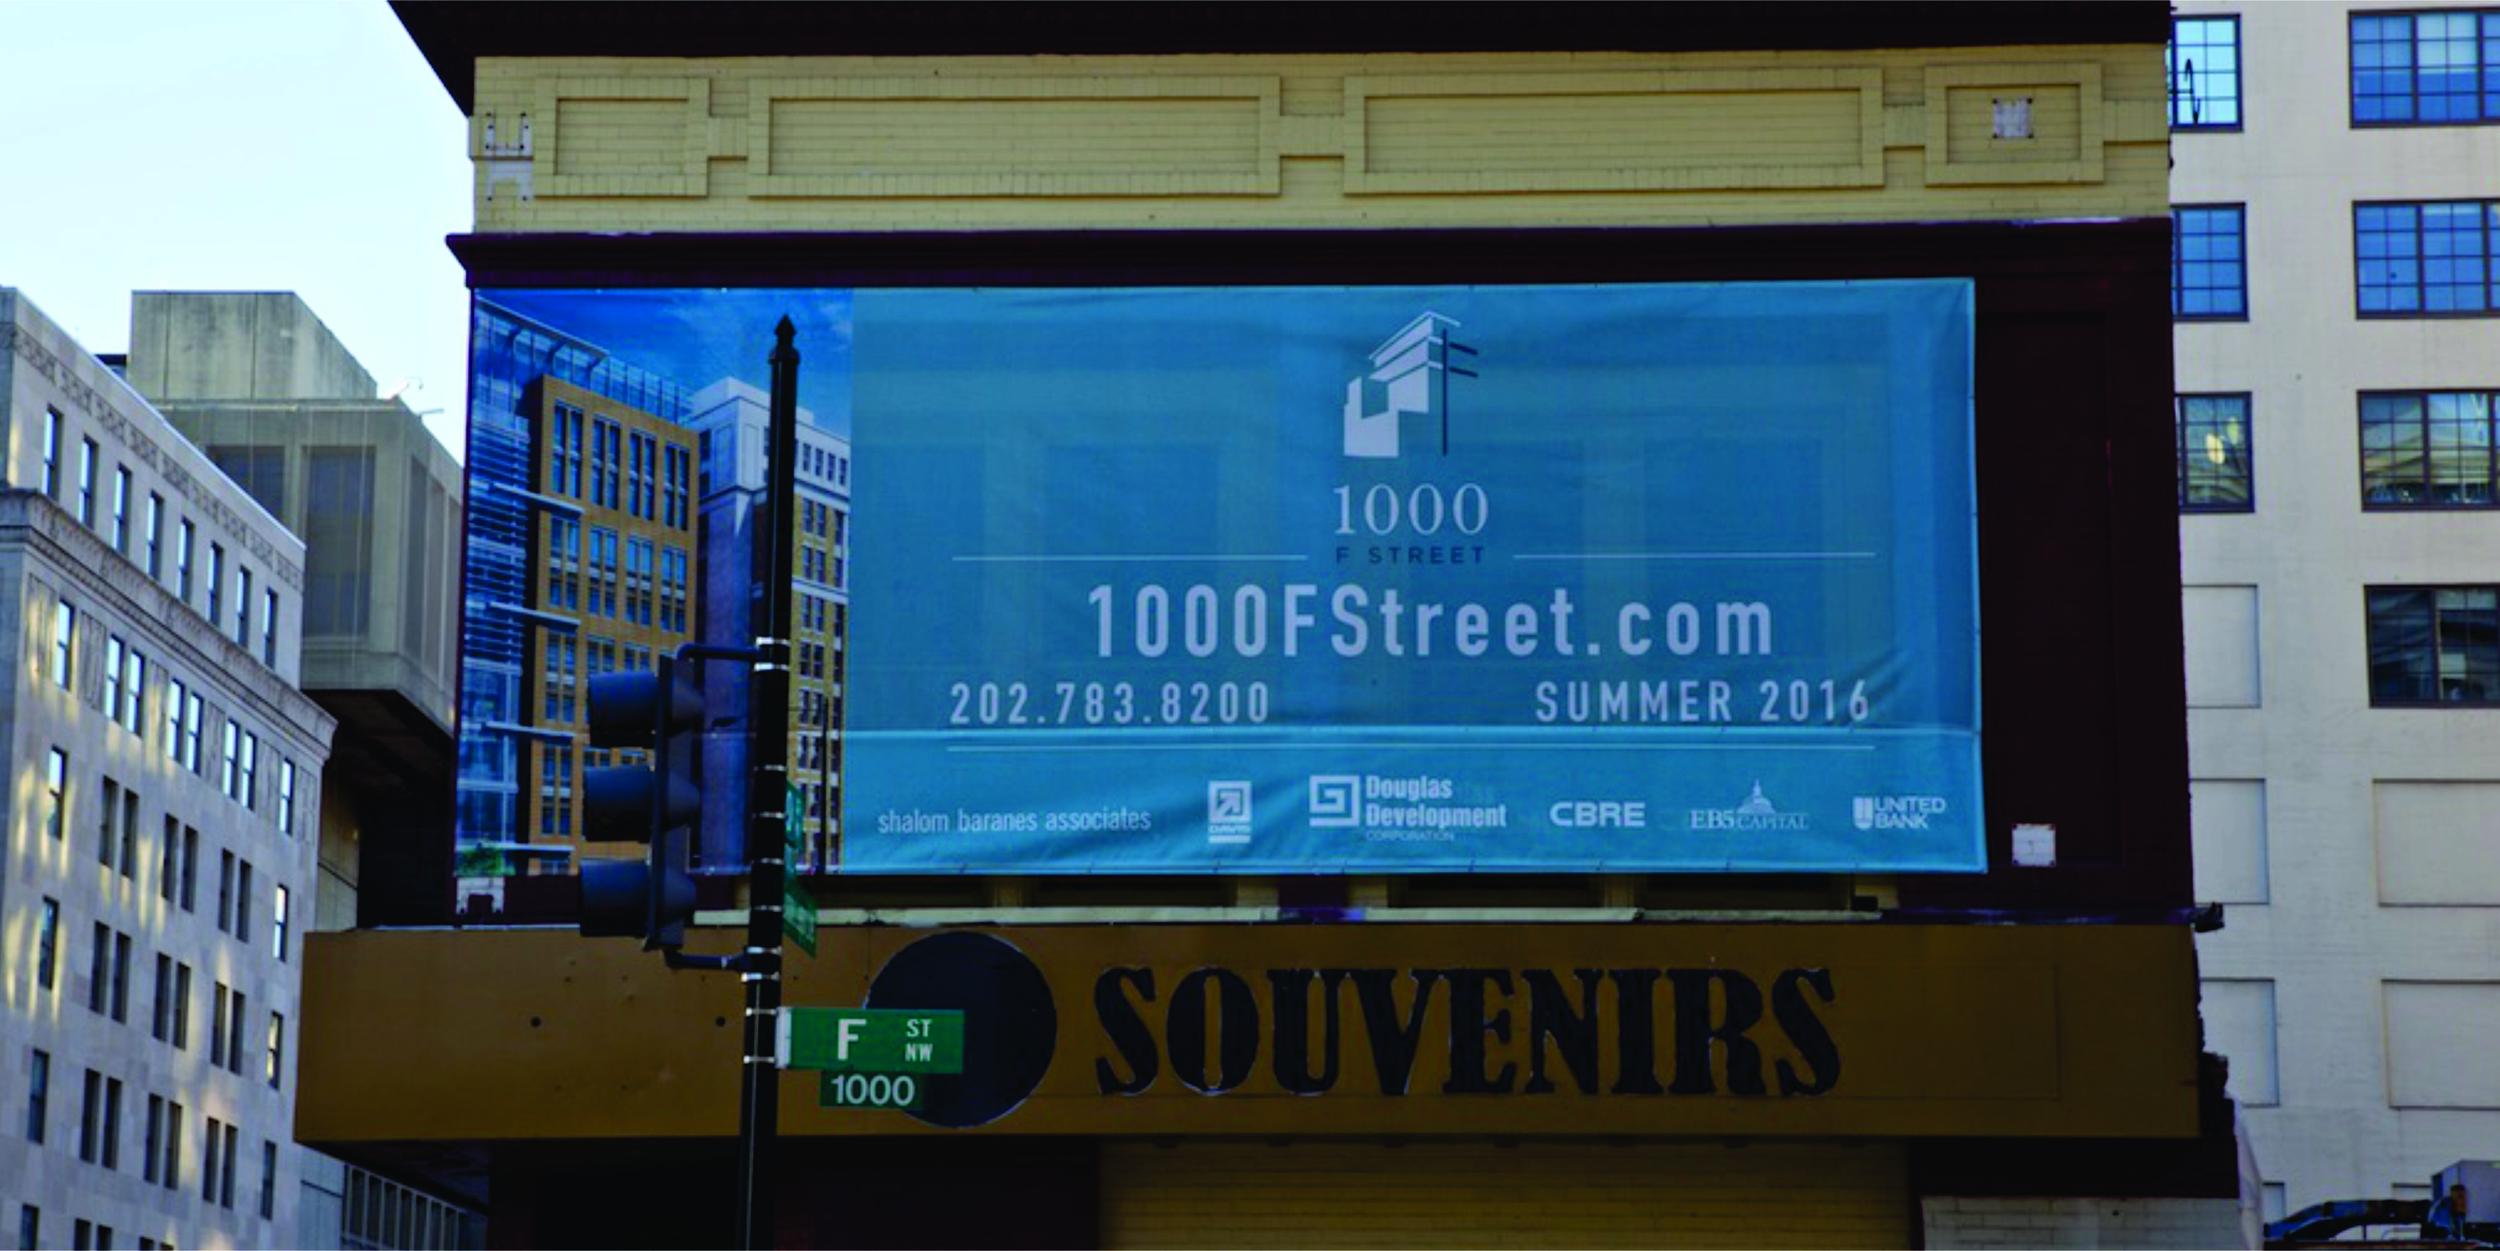 CBRE bldg banner 1000F St.jpg